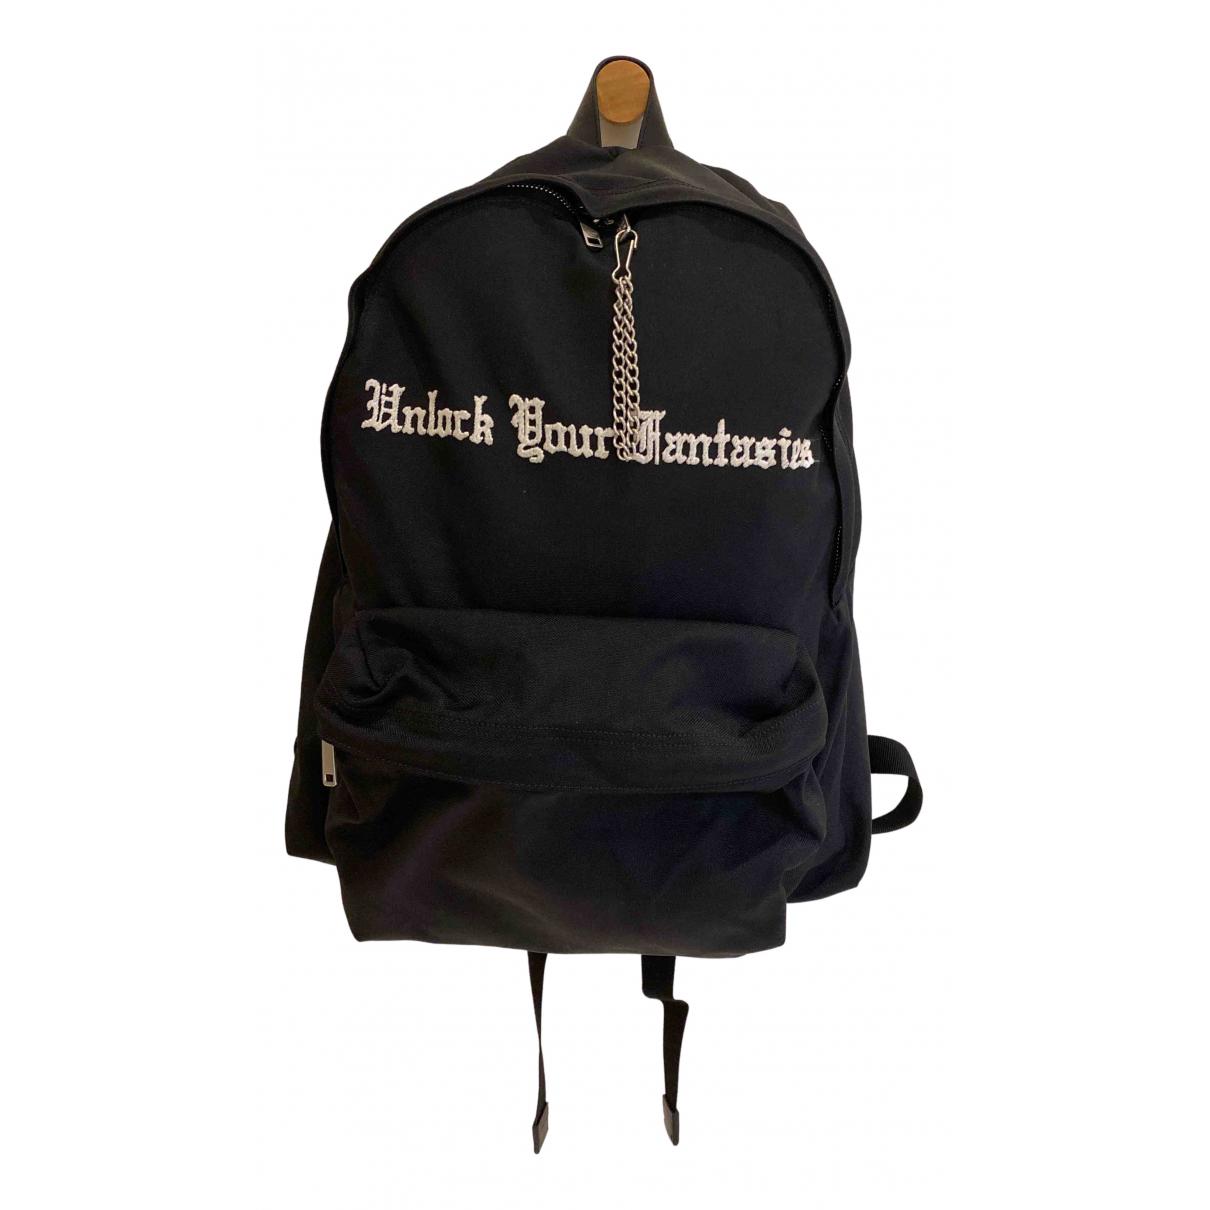 Celine \N Black bag for Men \N